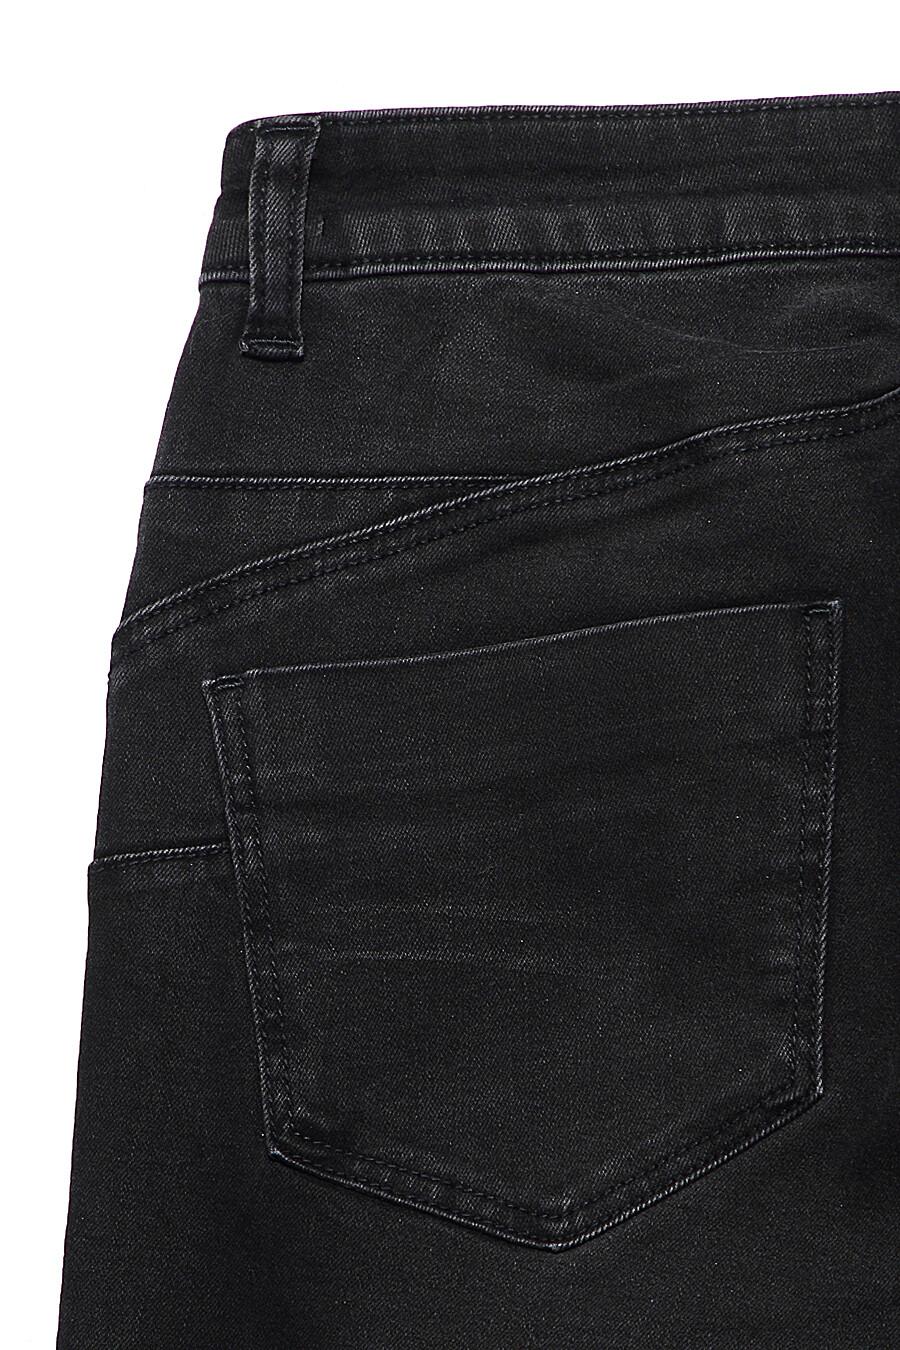 Джинсы для женщин CONTE ELEGANT 148322 купить оптом от производителя. Совместная покупка женской одежды в OptMoyo